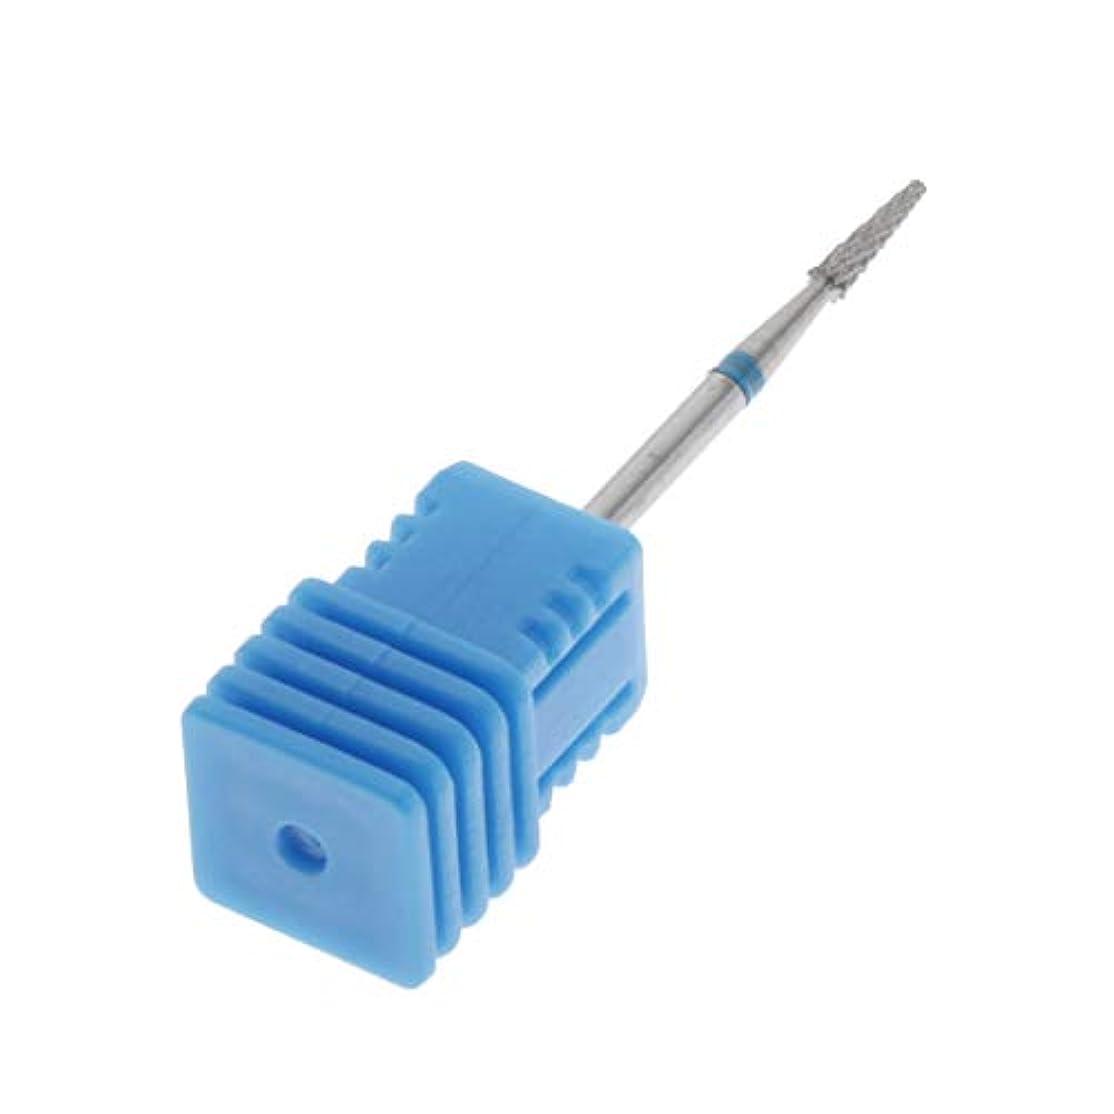 鉛筆ウェイド酸DYNWAVE マニキュア ドリルビット ネイルビット ネイル グラインド ヘッド ネイルサロン 個人使用 全3カラー - 02